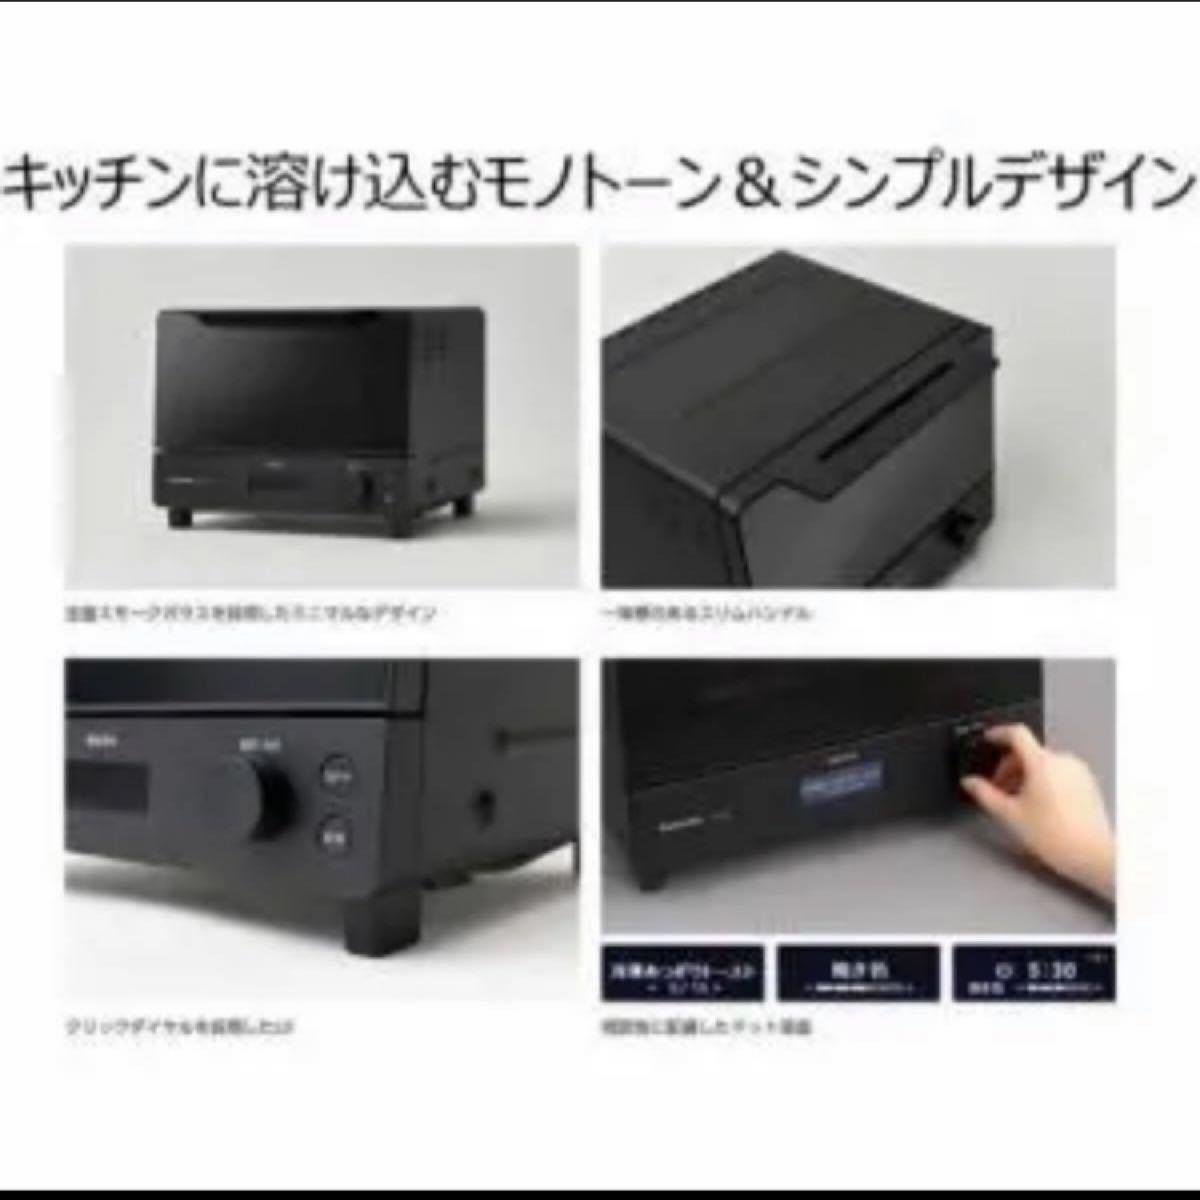 【大幅値下げ中】パナソニック オーブントースター ビストロ NT-D700-K